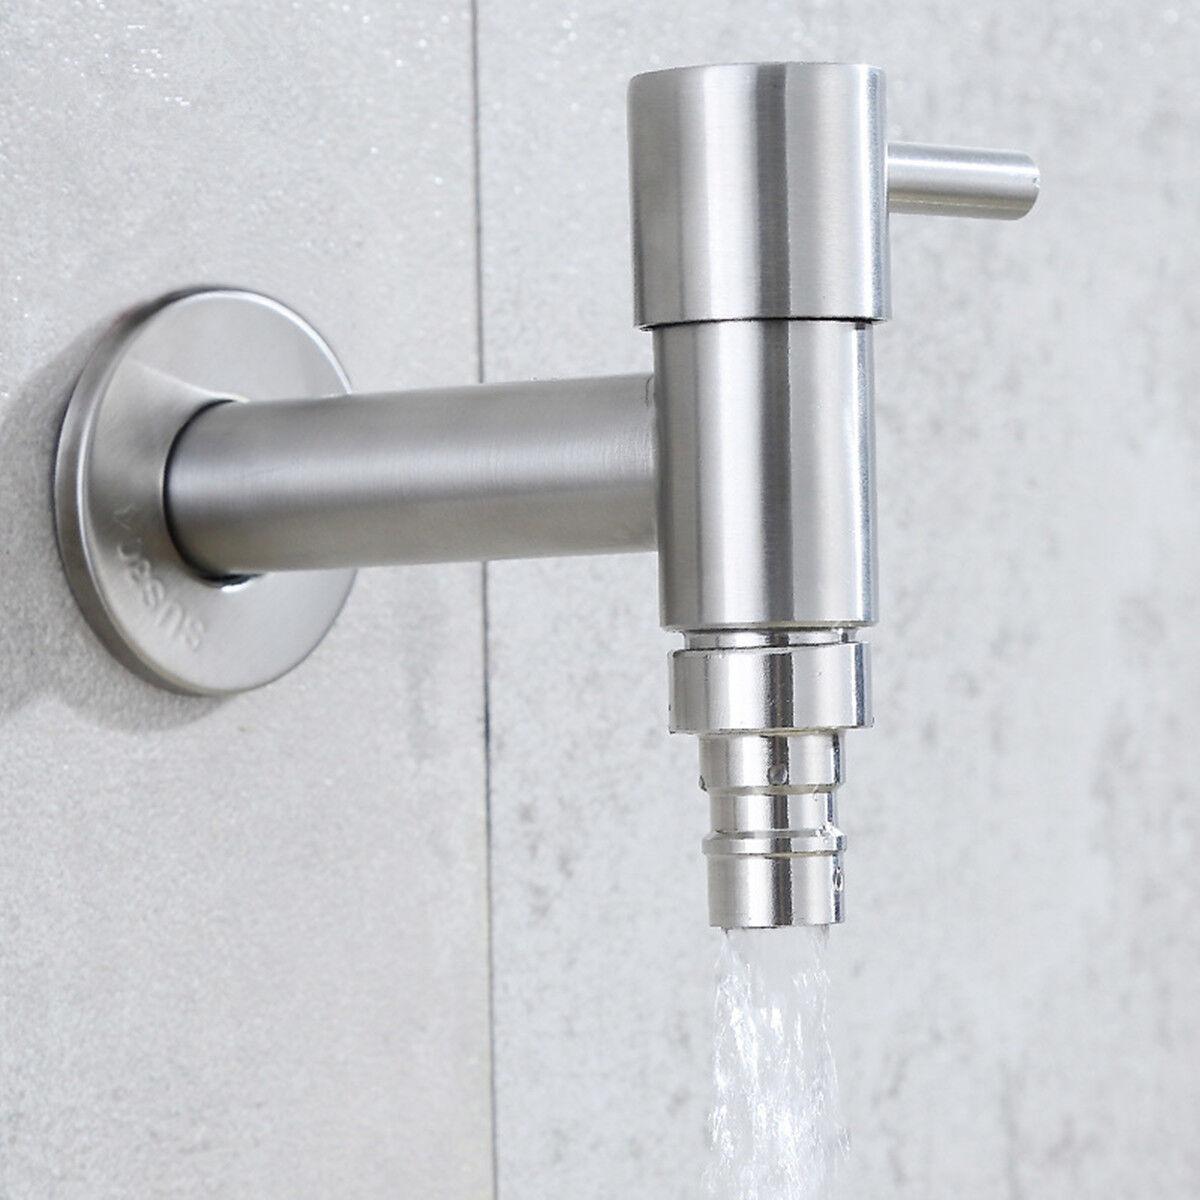 Wandwasserhahn Kalt Wasserhahn Zapfventil Ventil Waschmaschine Garten Edelstahl